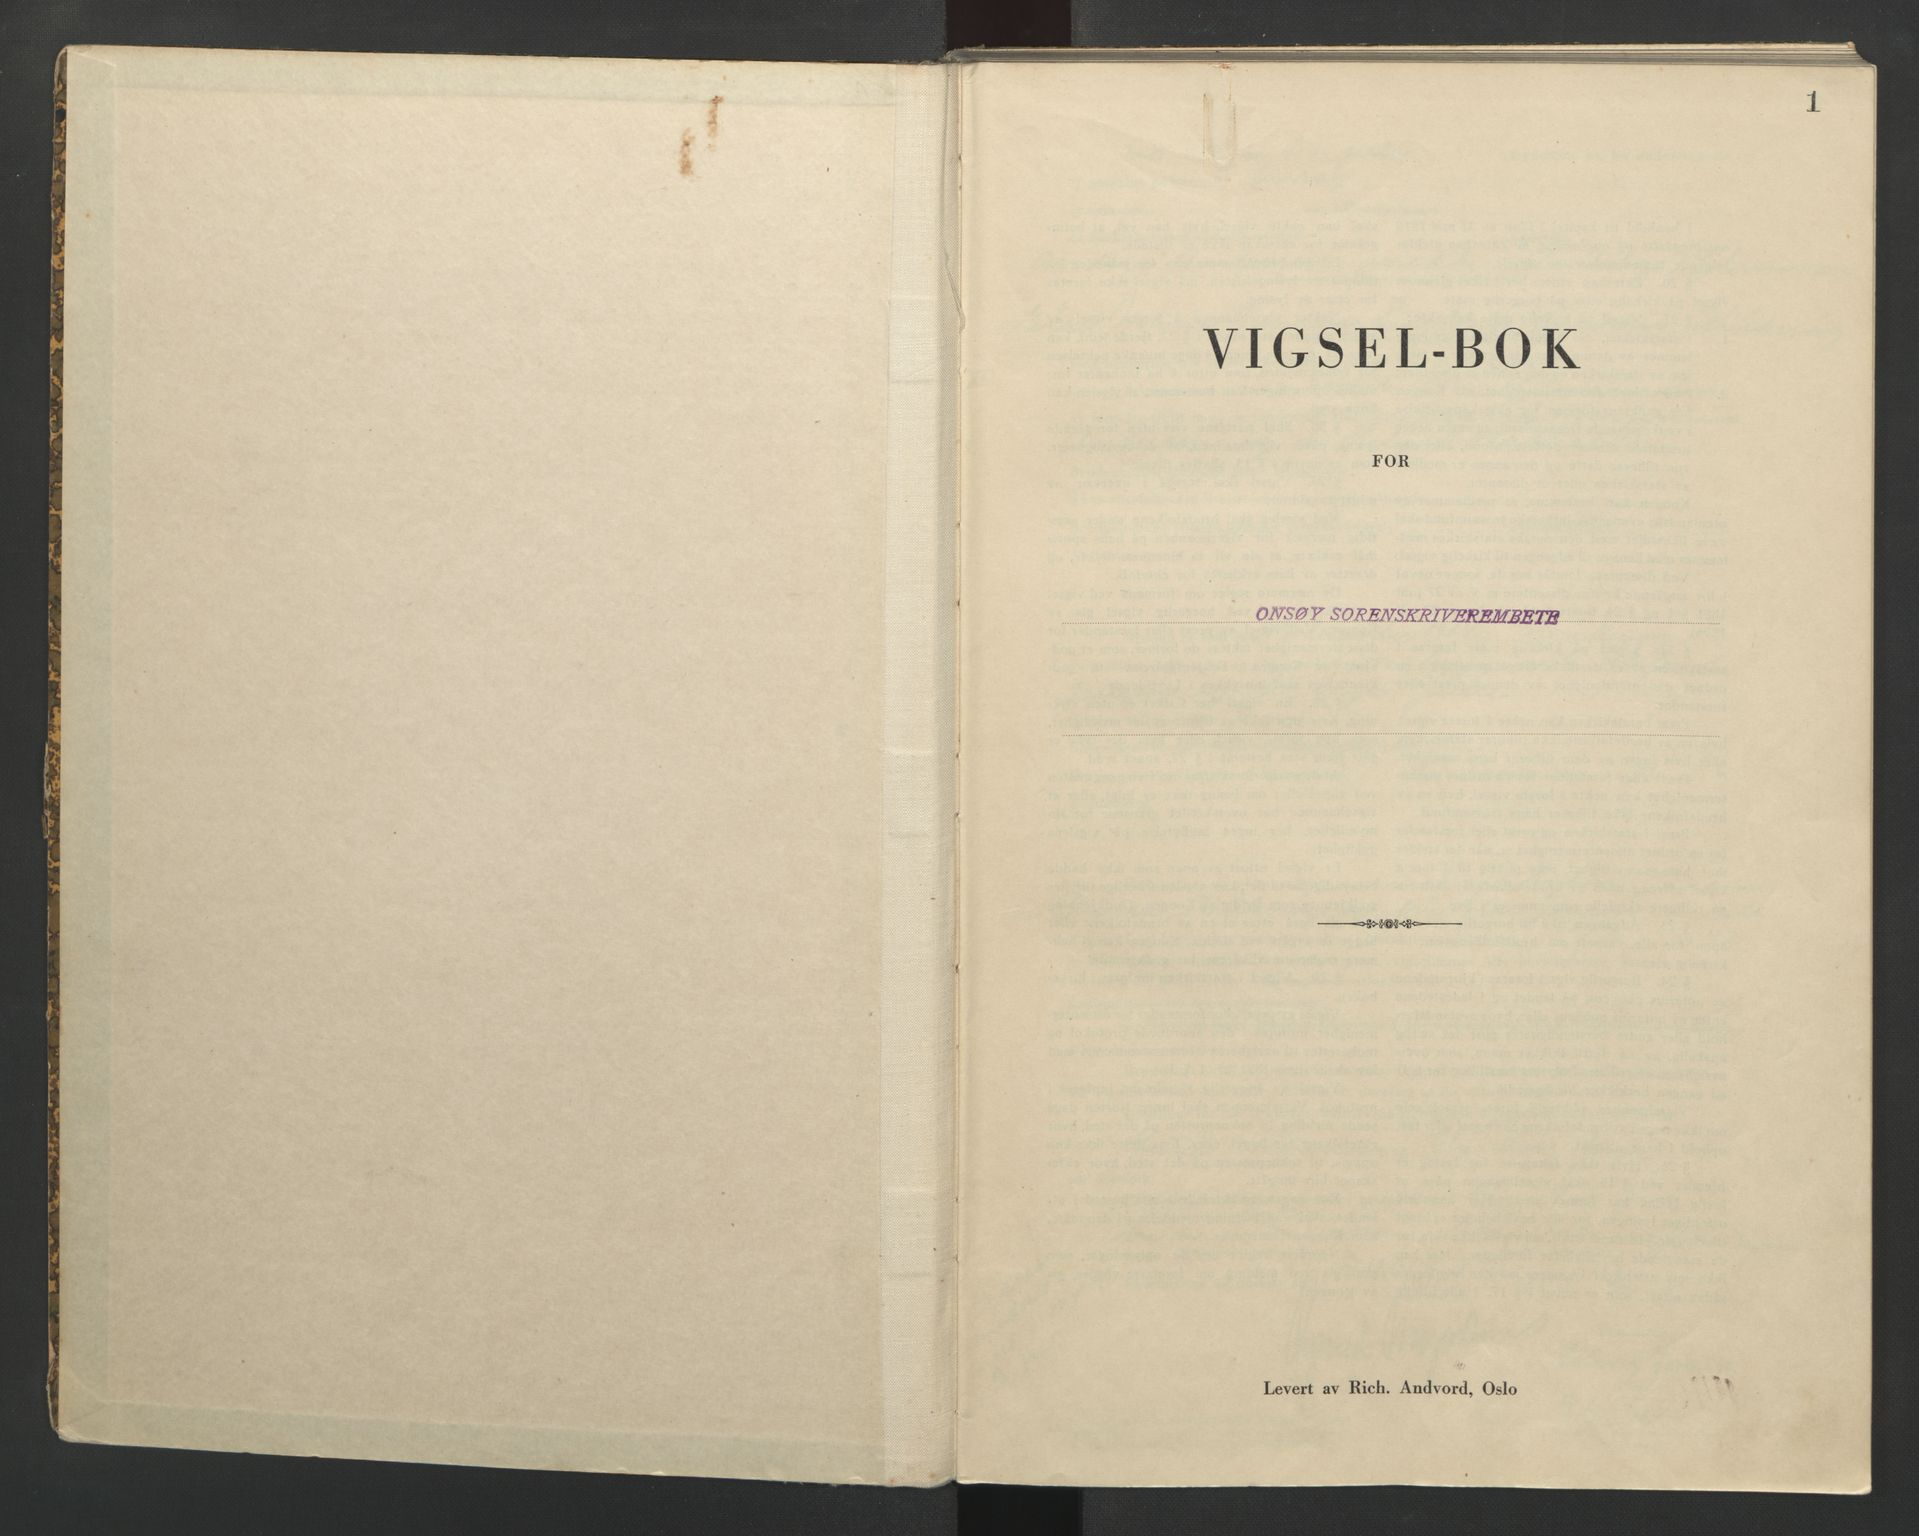 SAO, Onsøy sorenskriveri, L/La/L0002: Vigselsbok, 1942-1943, s. 1